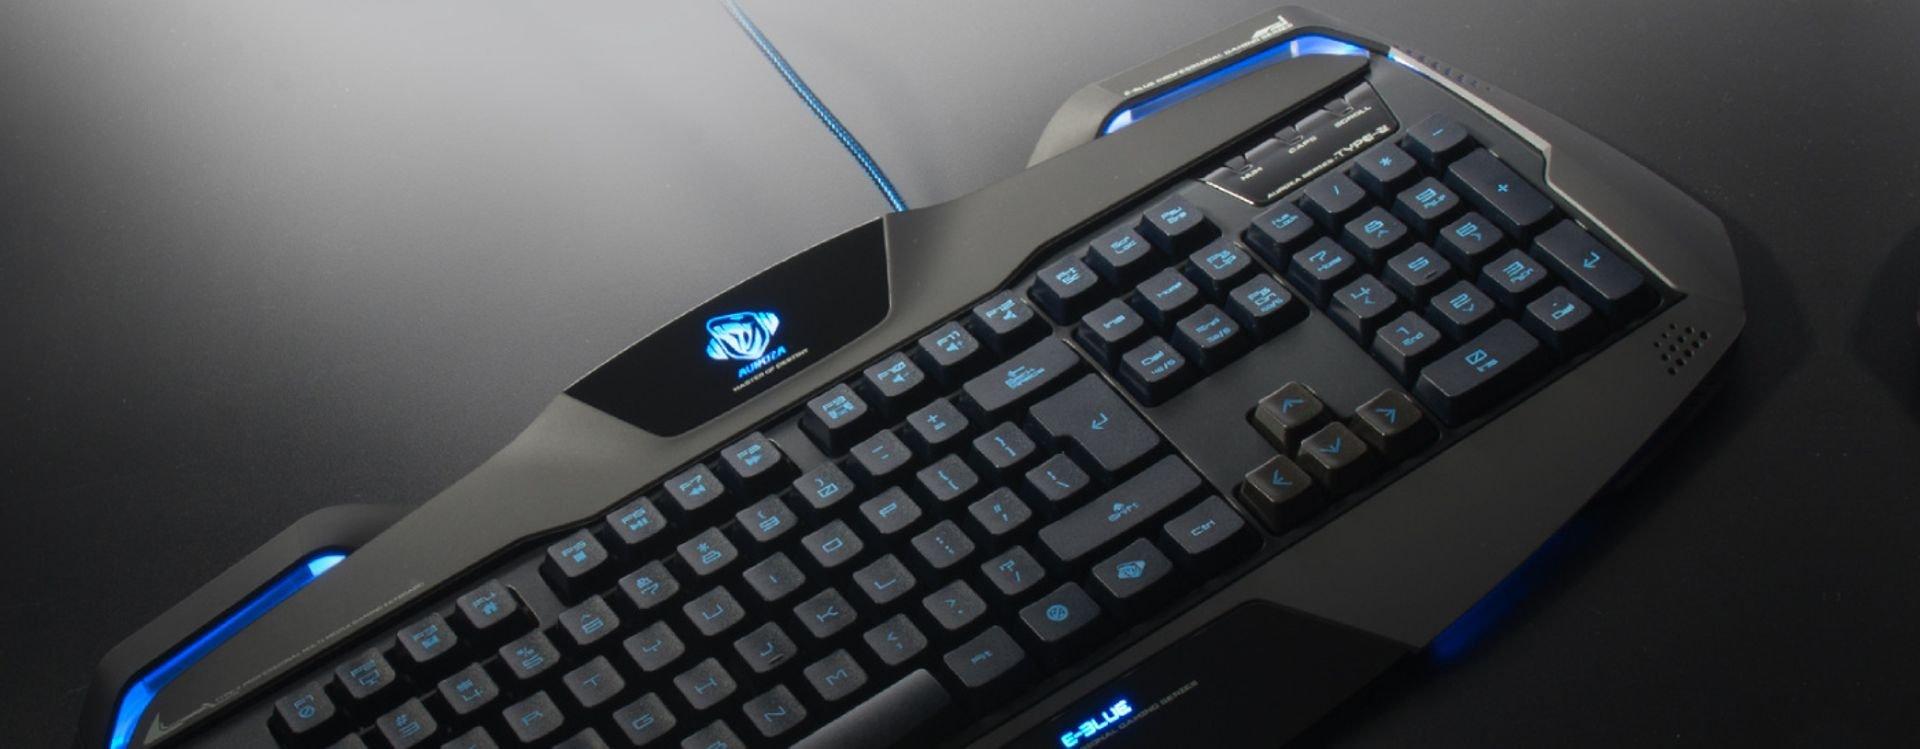 تعد لوحة المفاتيح أحد أهم أدوات إدخال البيانات إلى الكمبيوتر، إن لم تكن أهمّها على الإطلاق